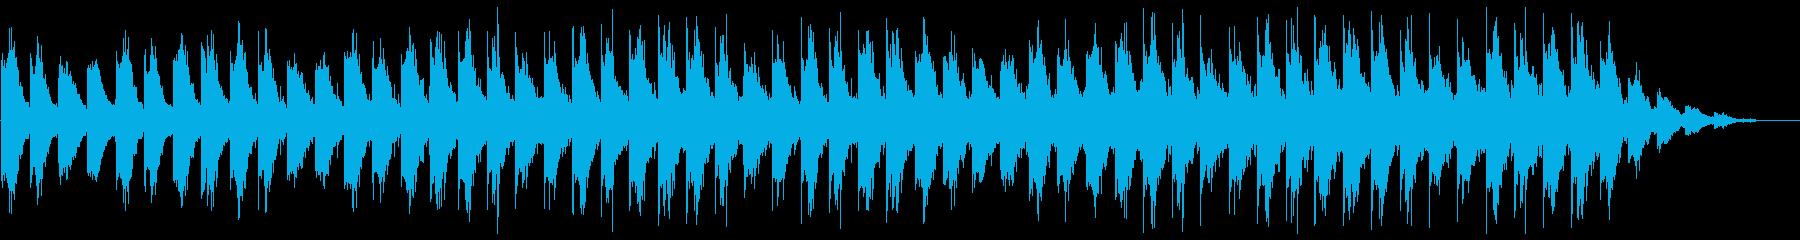 ピアノとギターの癒し系アンビエントの再生済みの波形